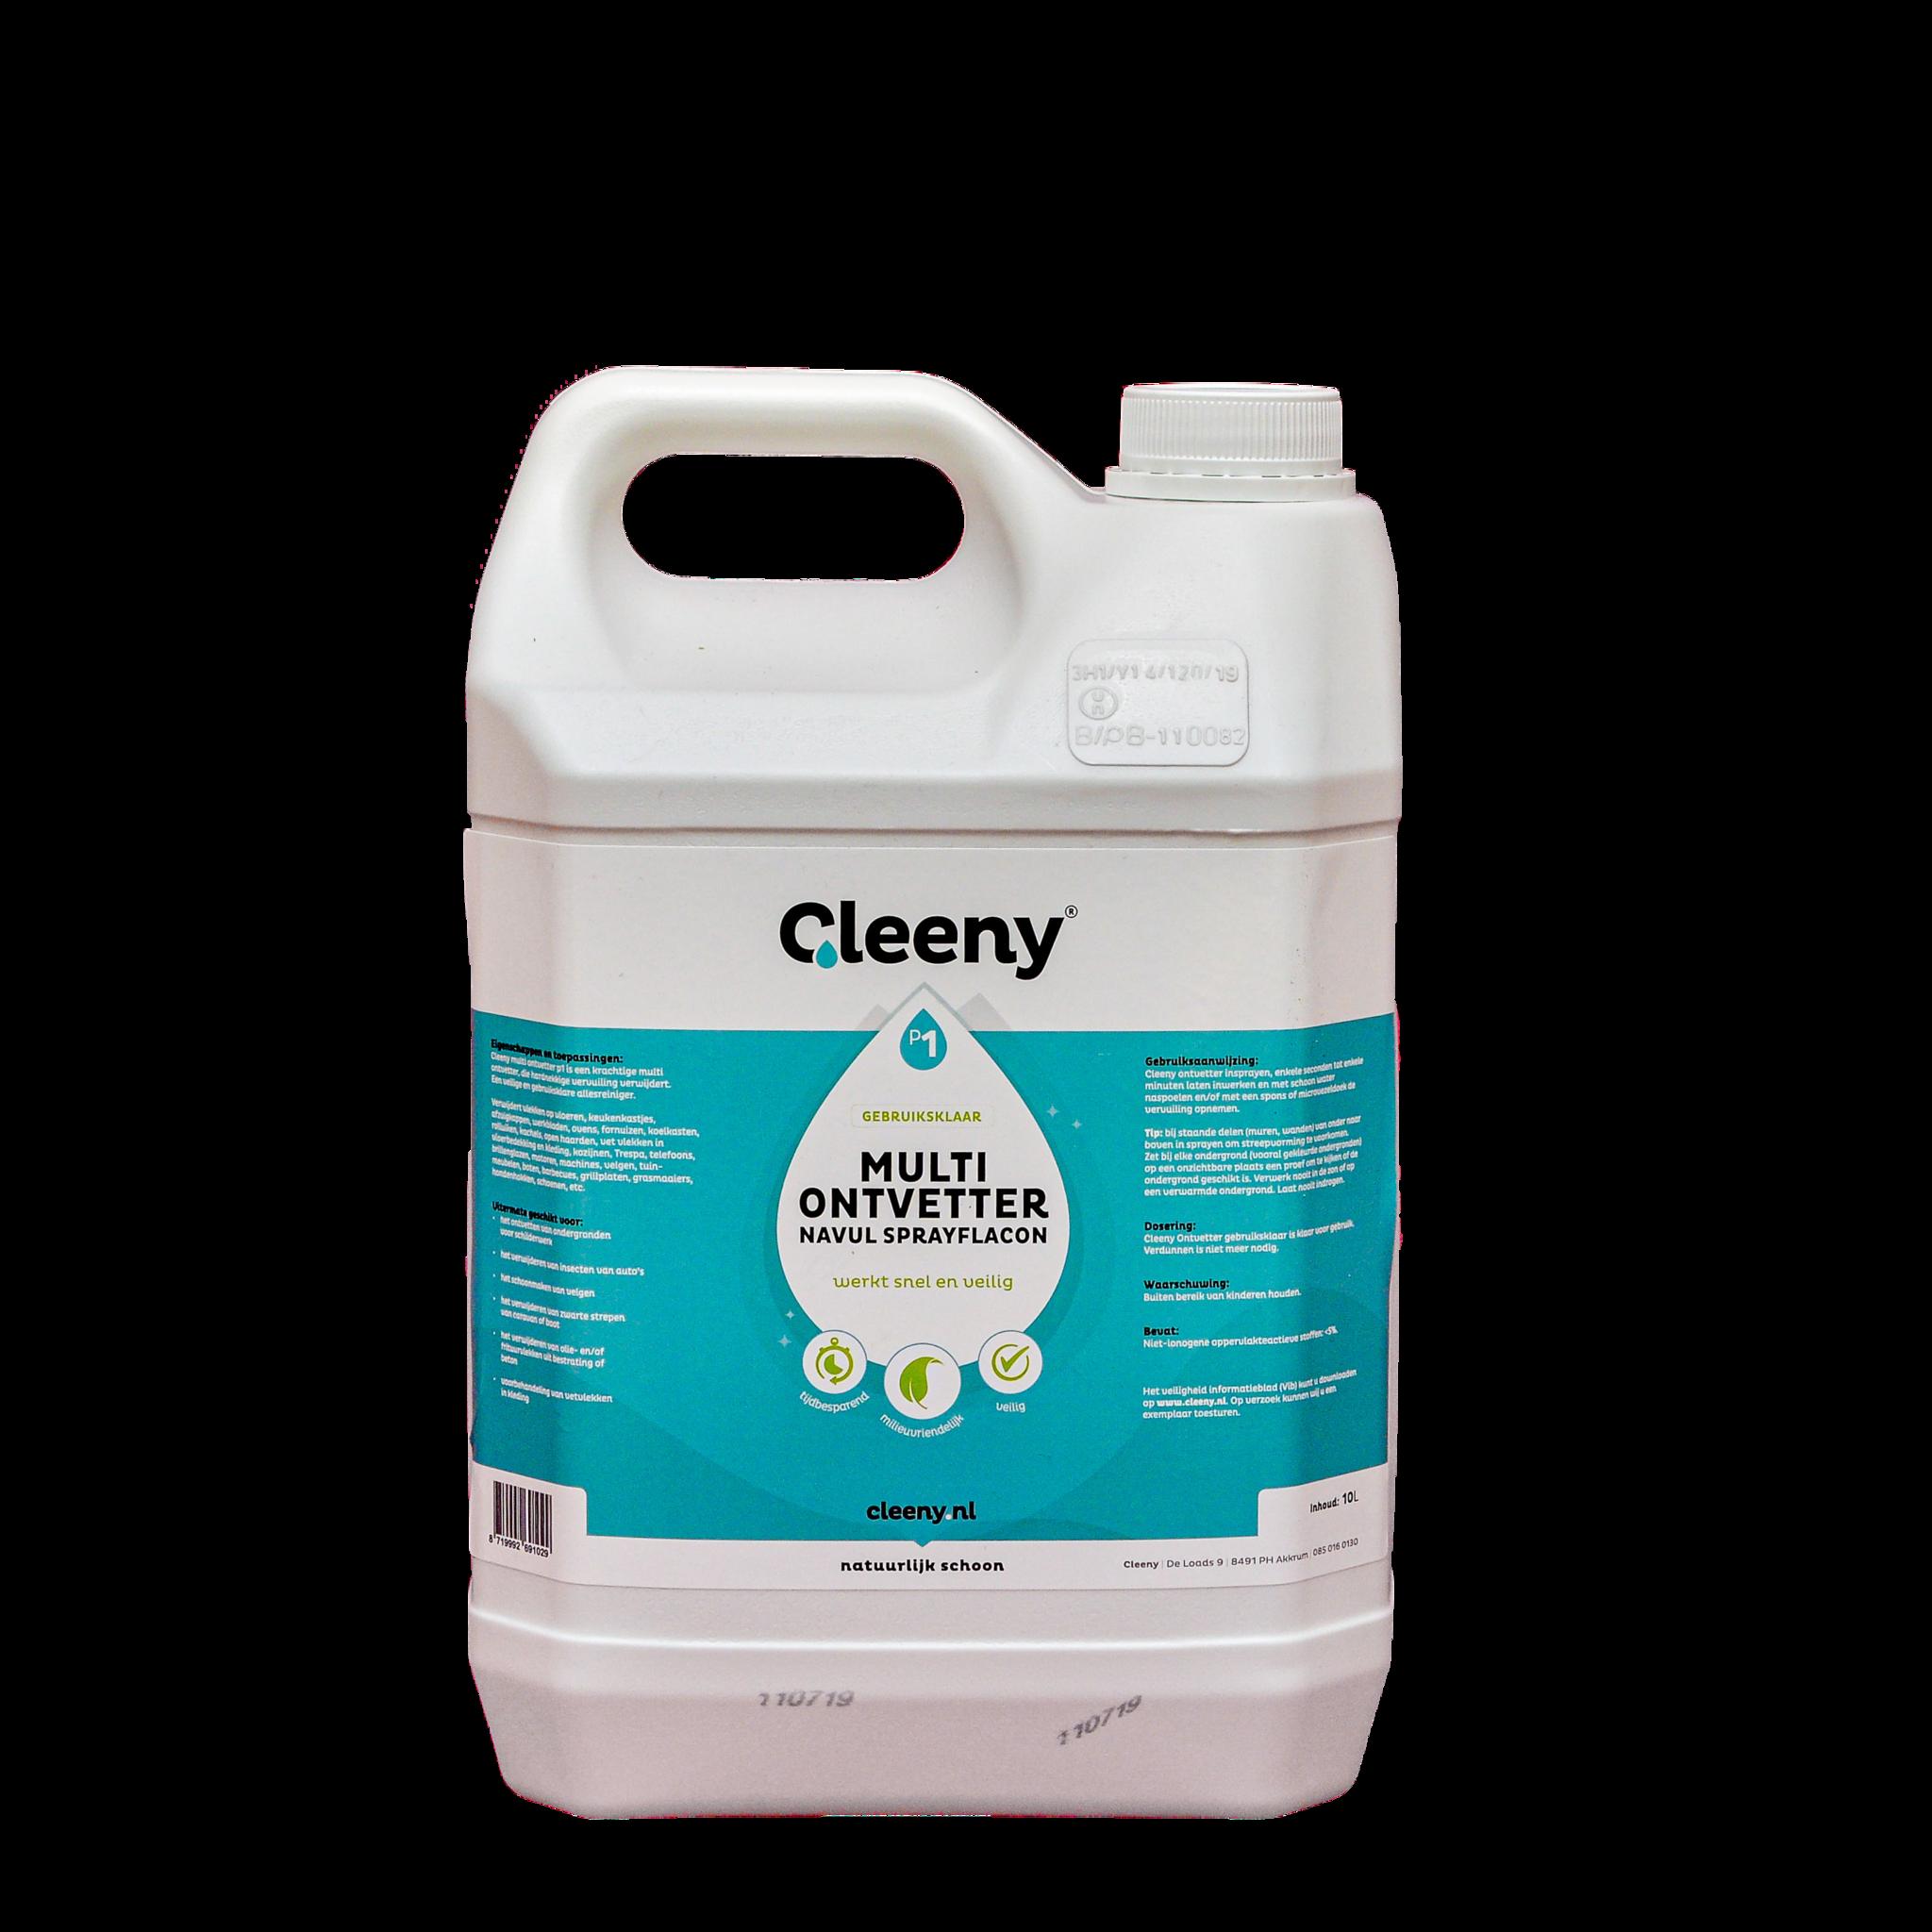 Cleeny Cleeny P1 ontvetter, 10 liter kan gebruiksklaar